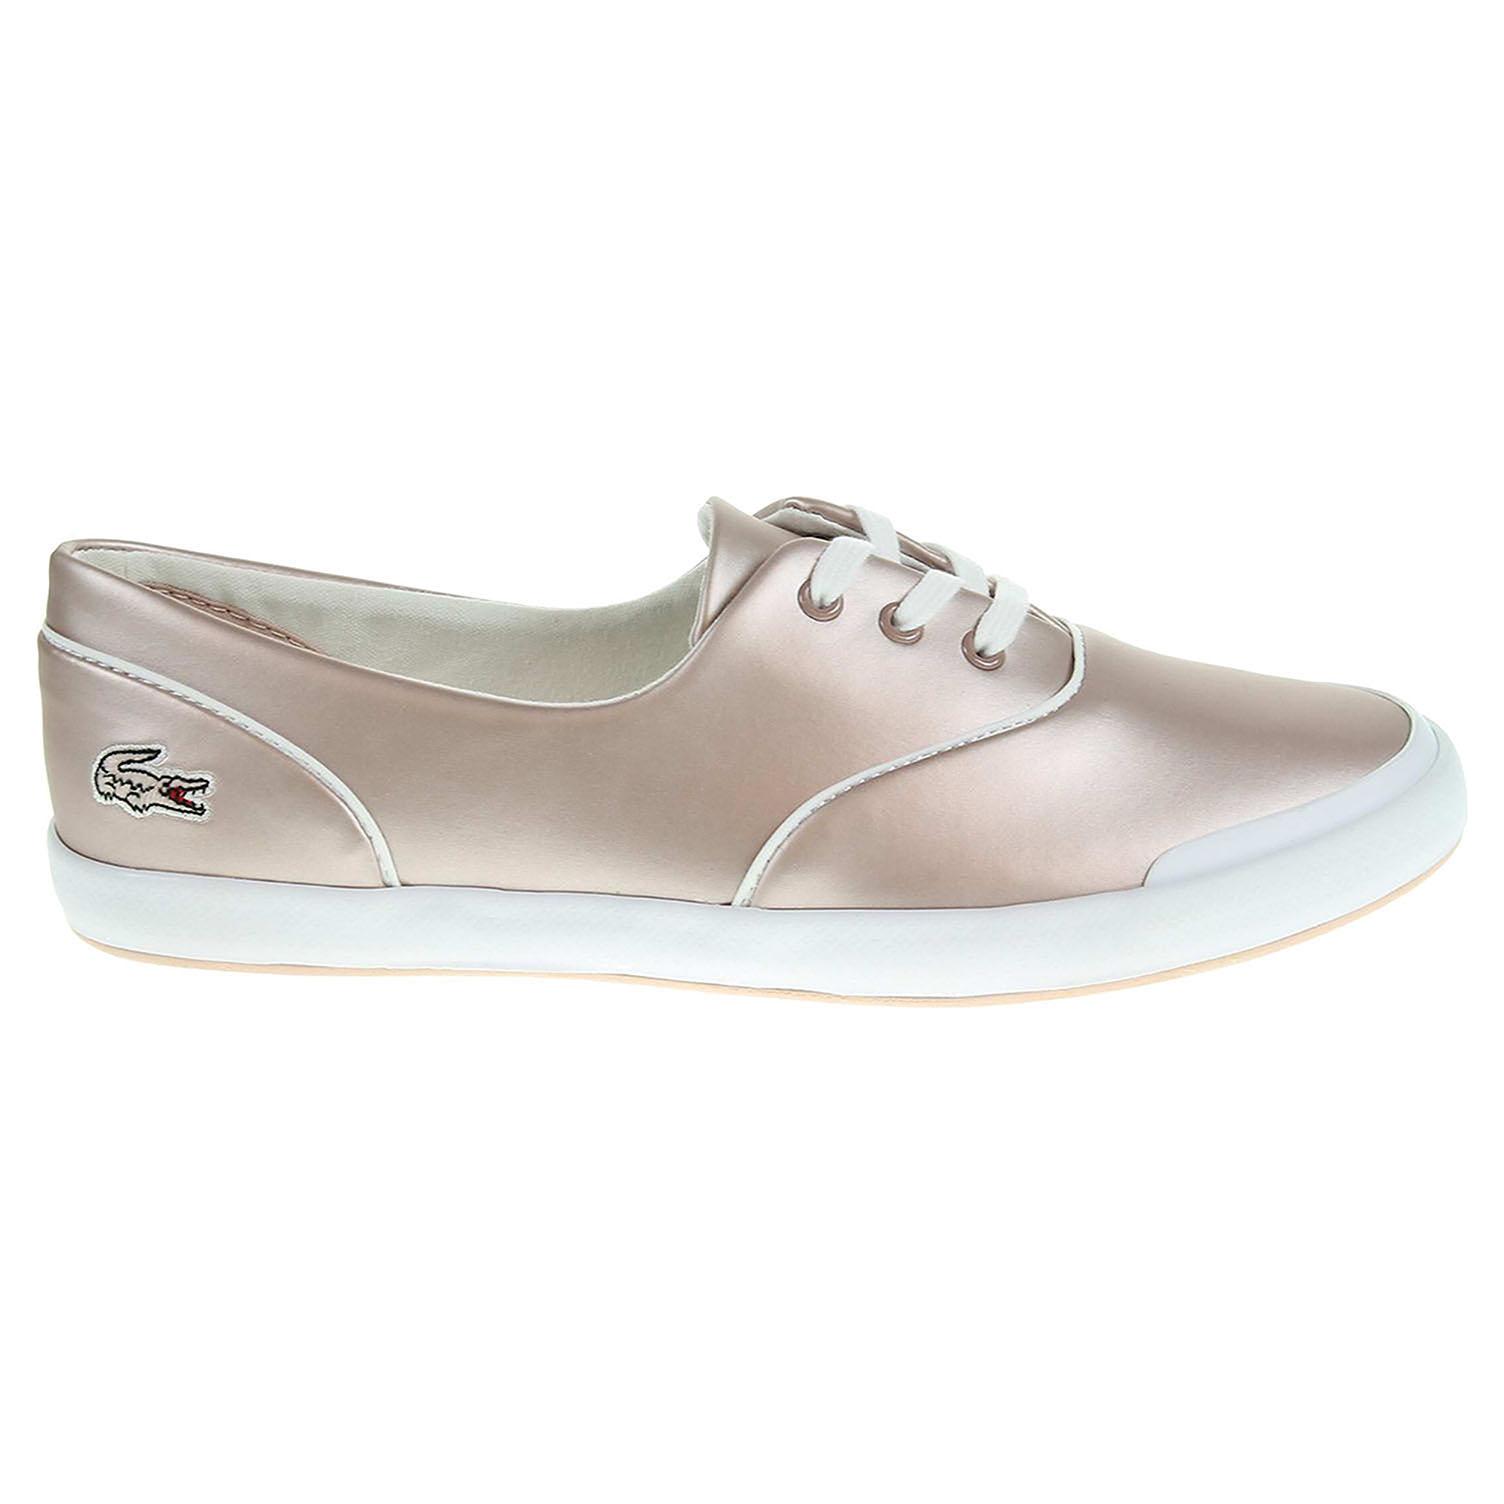 Lacoste Lancelle 3 Eye dámská obuv růžová 41